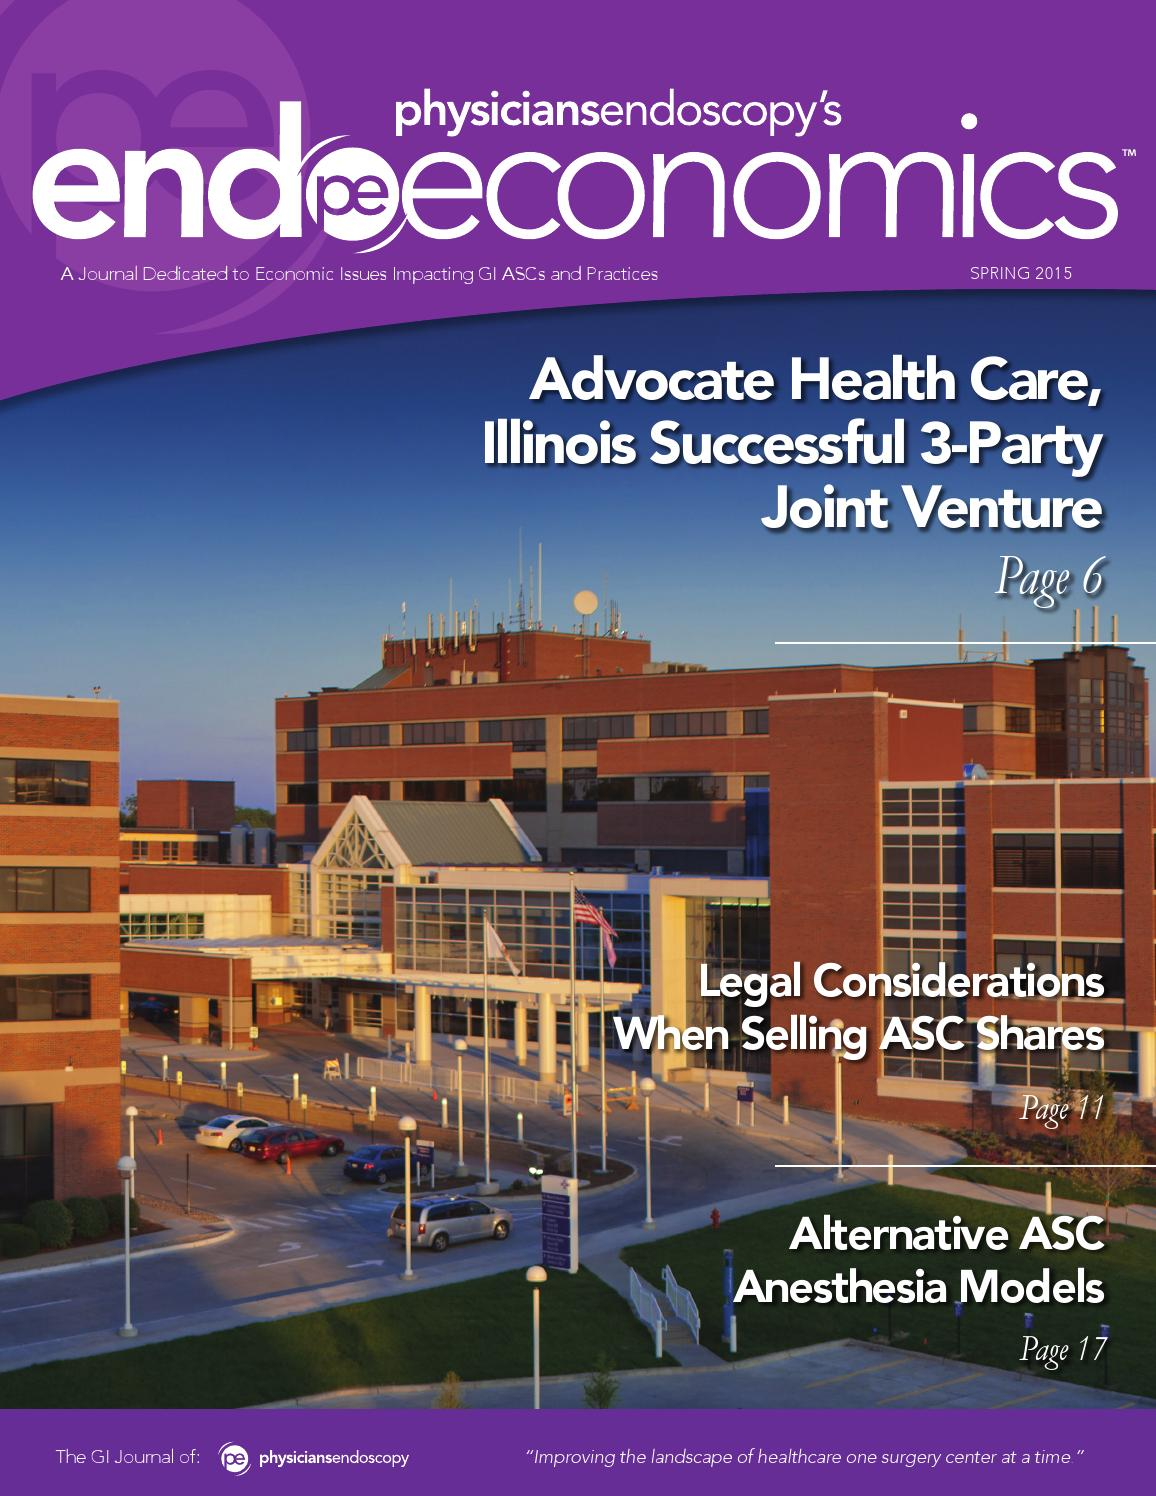 Endoscopy Suite: EndoEconomics Spring 2015 By Physicians Endoscopy, LLC